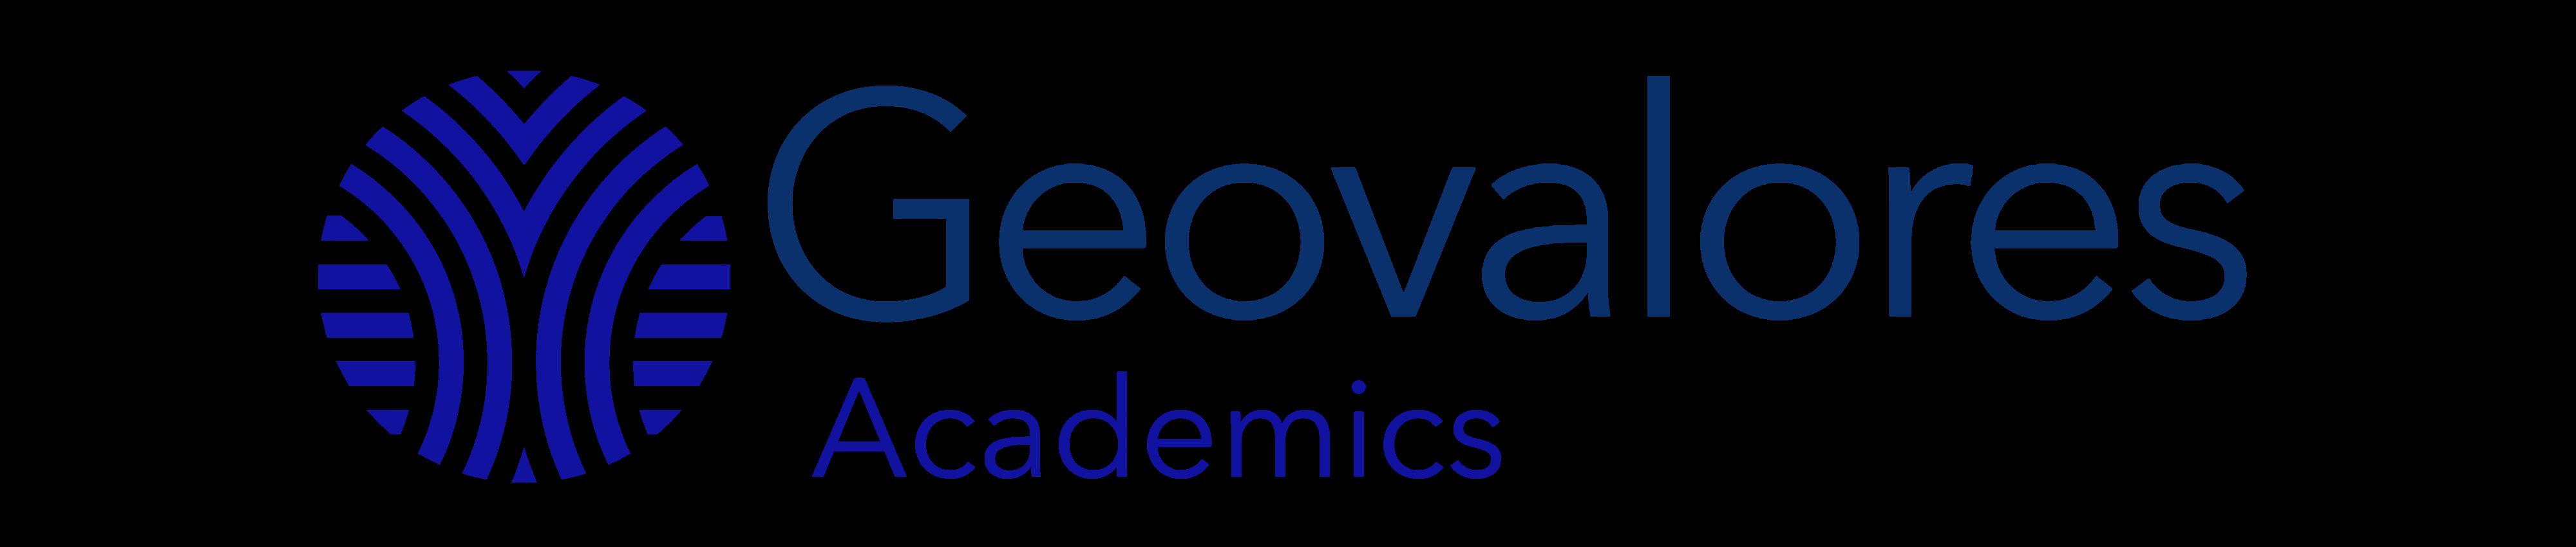 Geovalores Academics